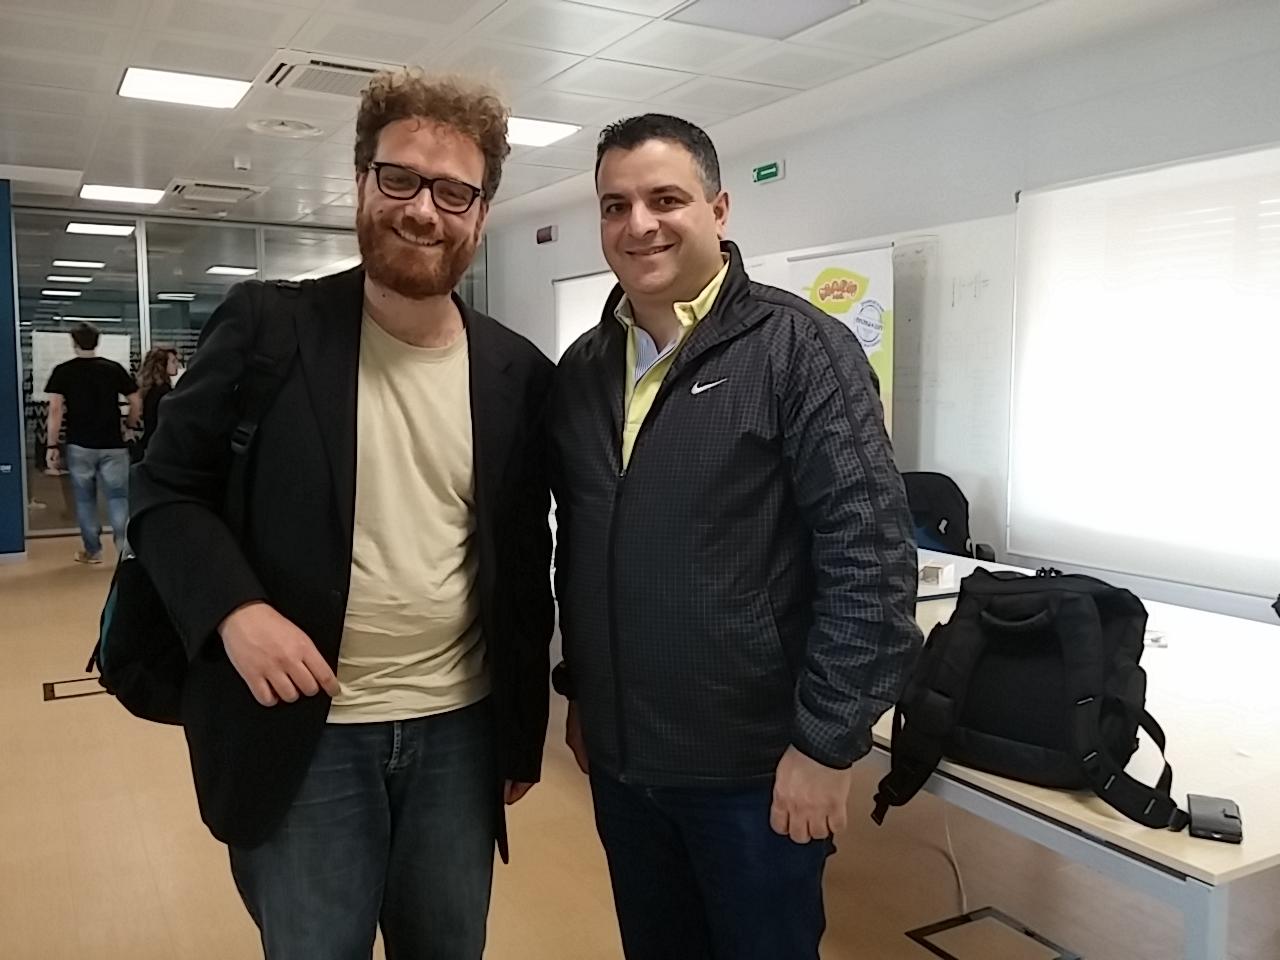 Io e Hans Shakur al termine dell'intervista nei locali del Wcap di Catania